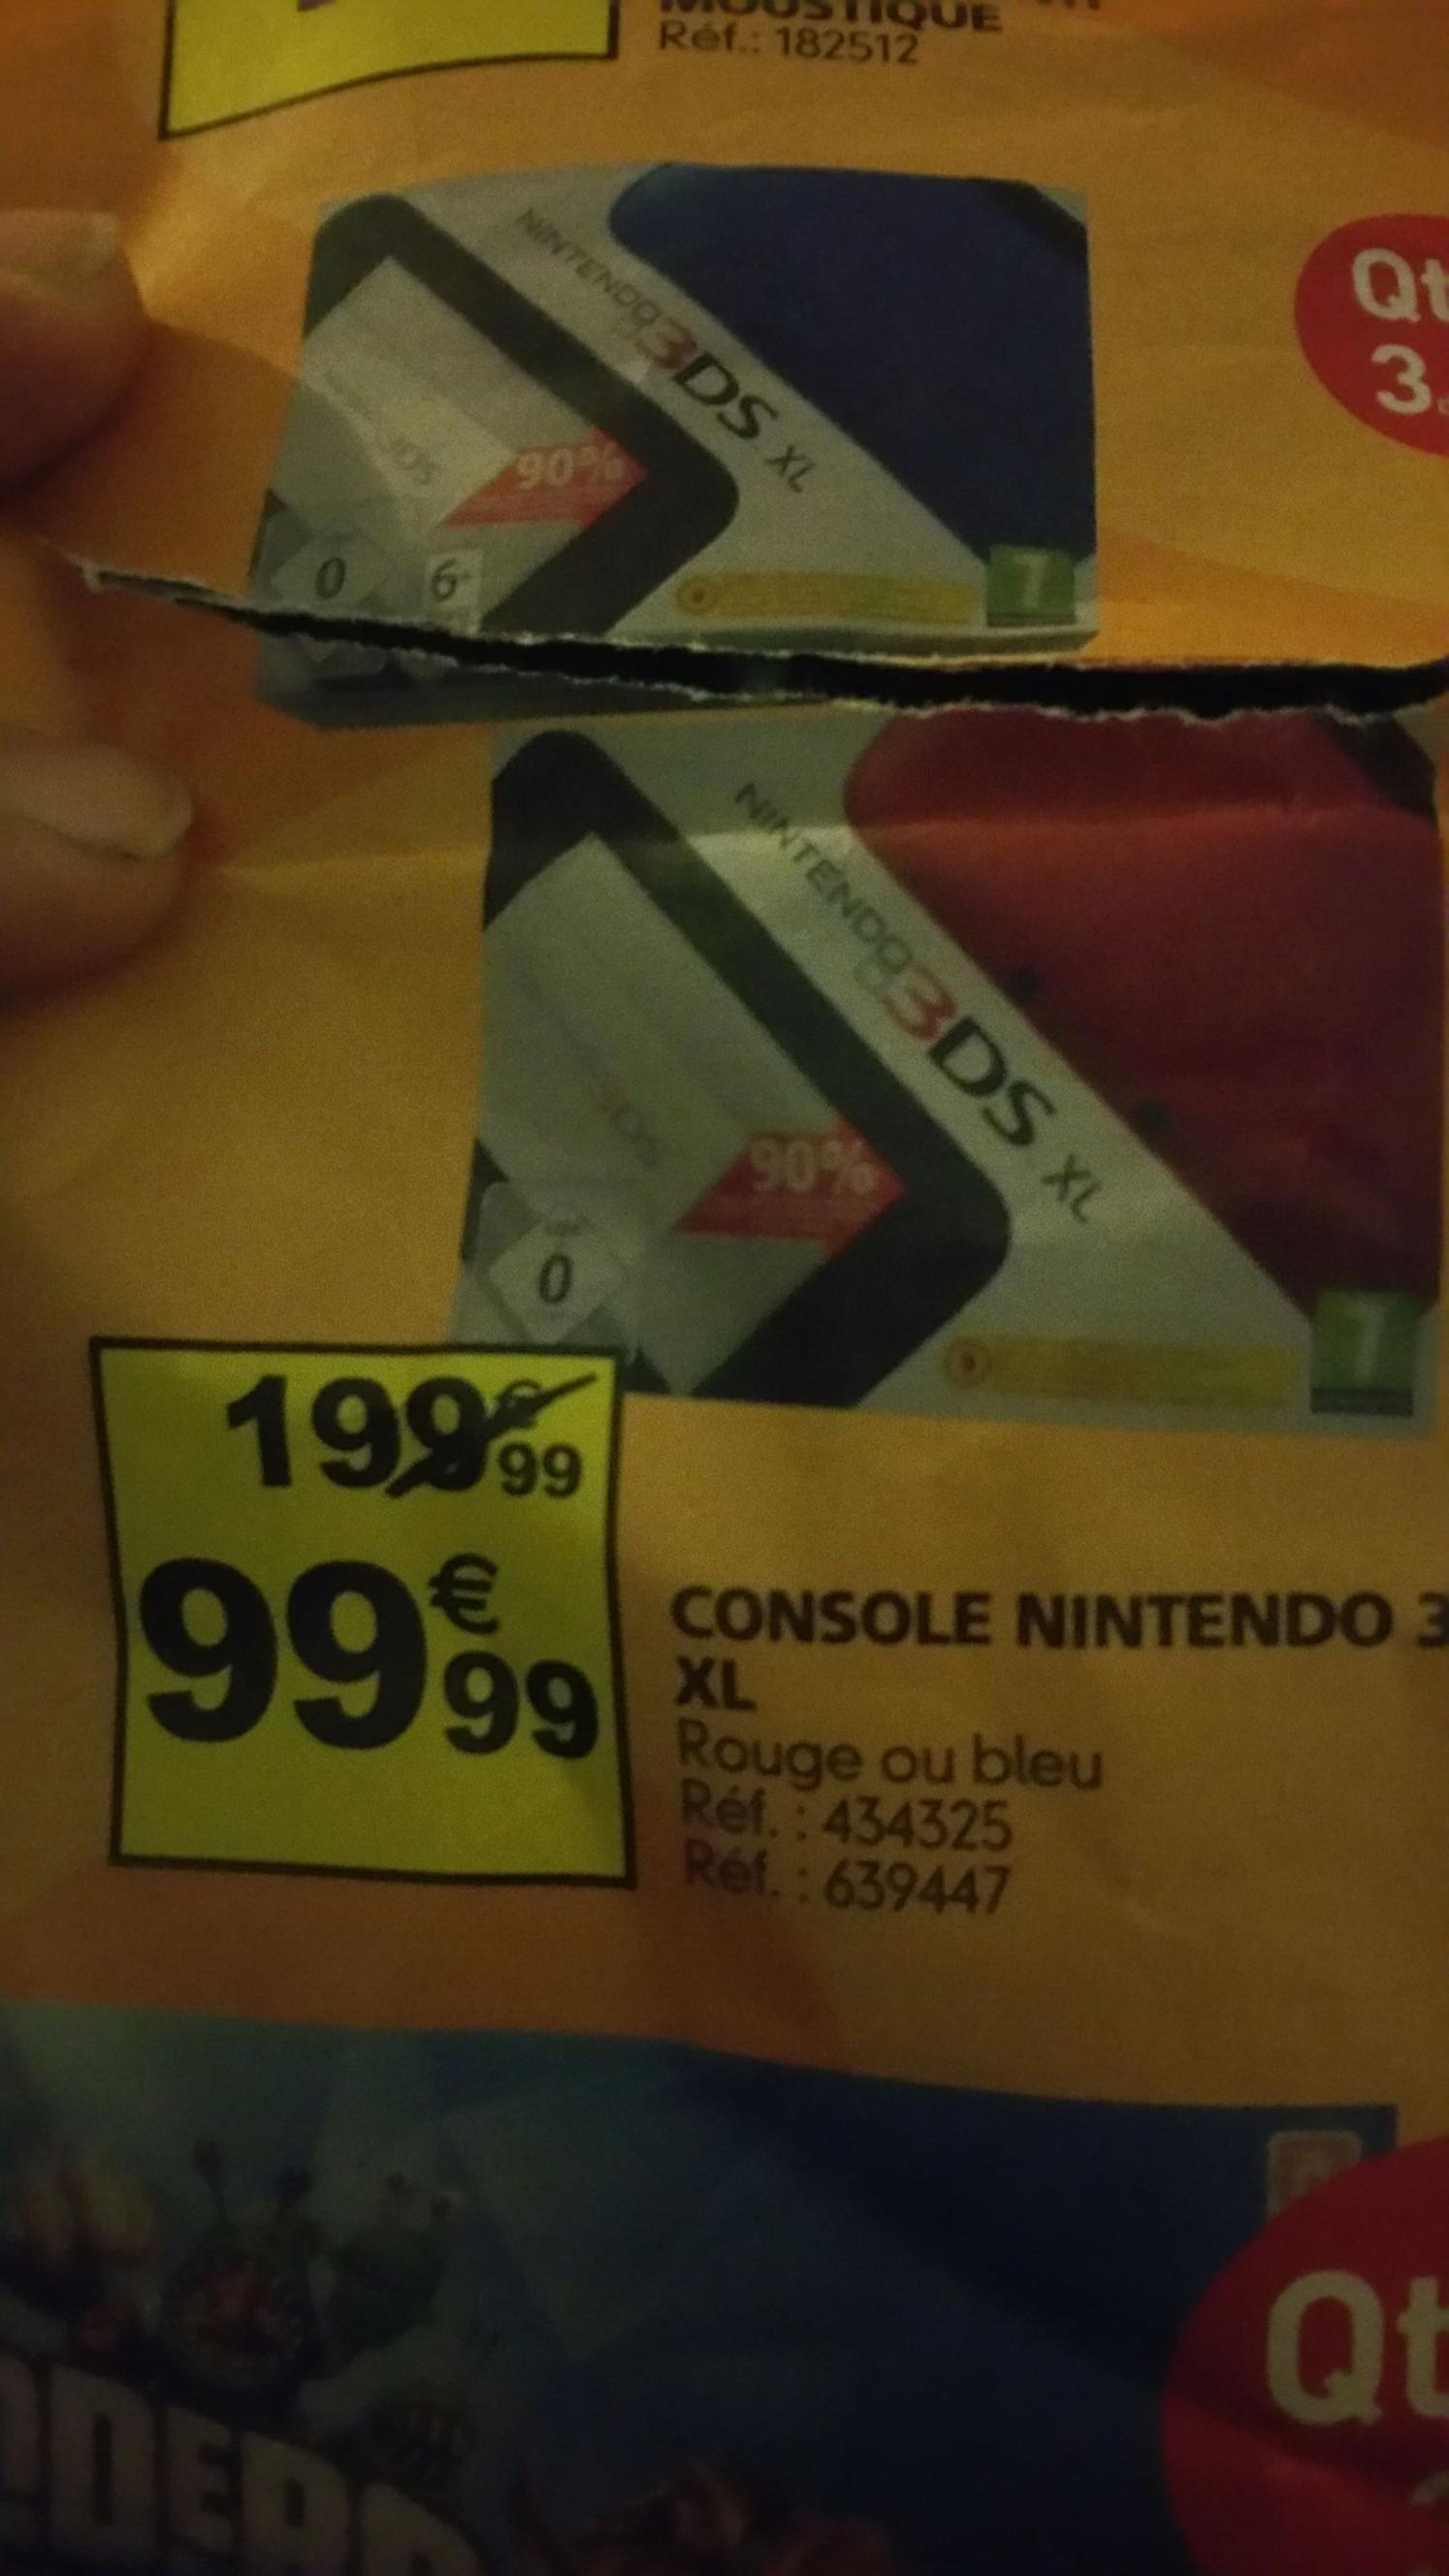 Console Nintendo 3DS XL - Rouge ou Noire